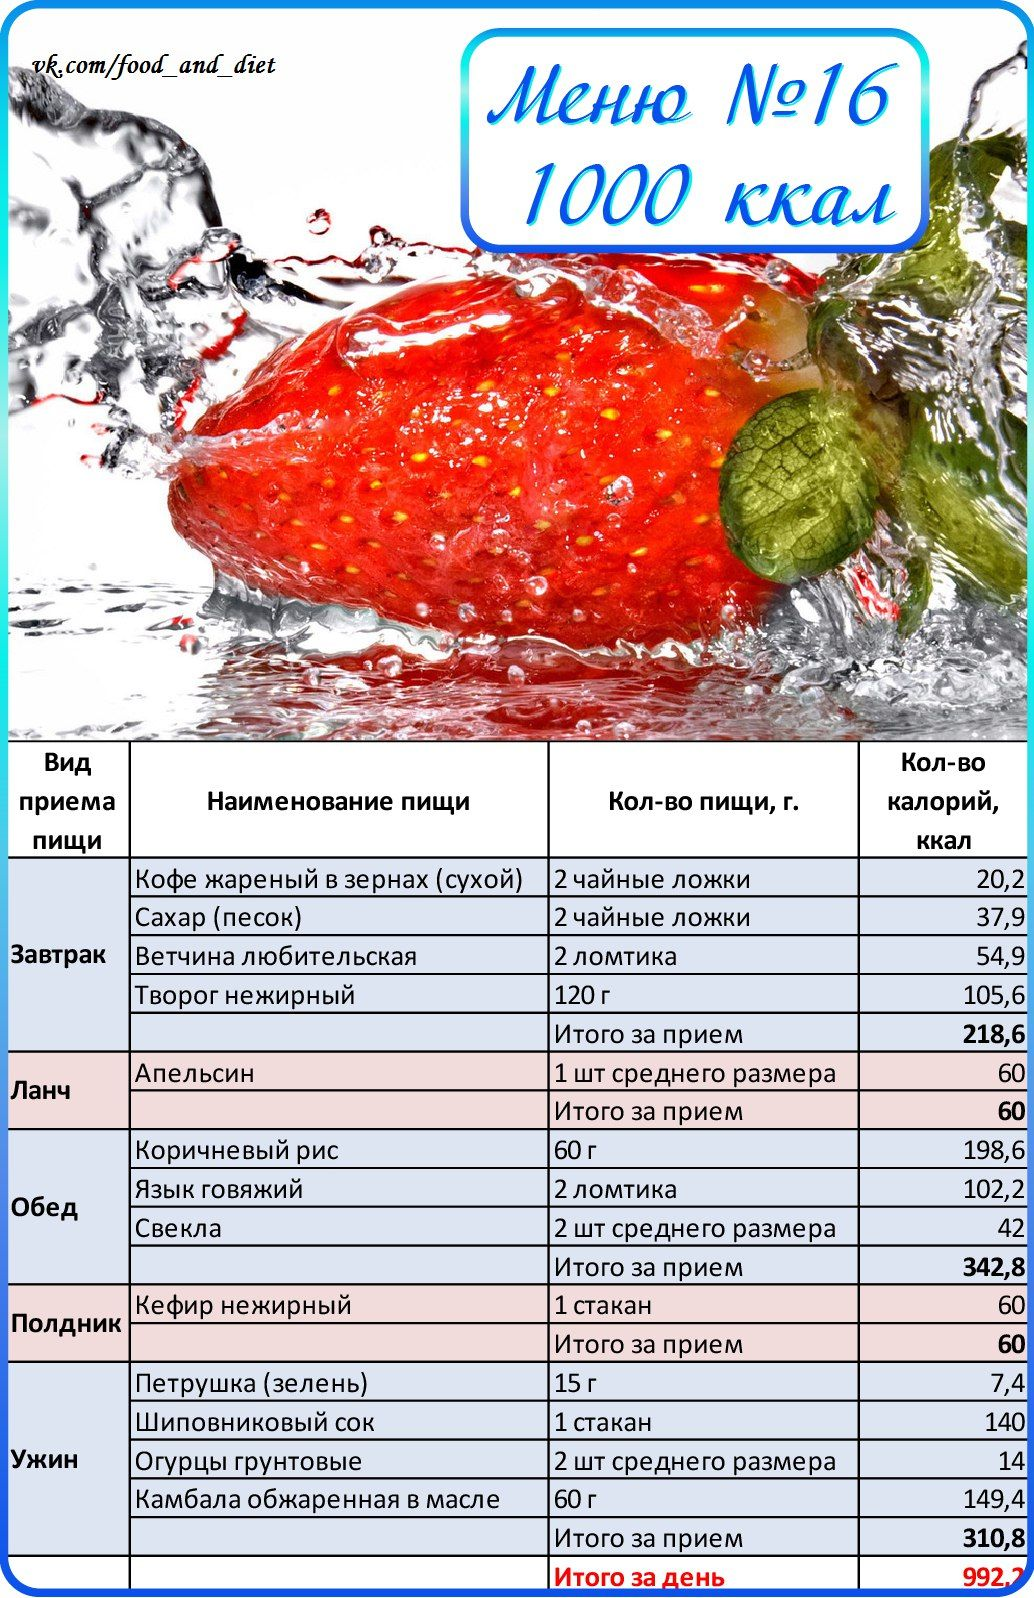 Дефицит калорий для похудения. расчет, норма в день, формула, диета, таблица продуктов, меню